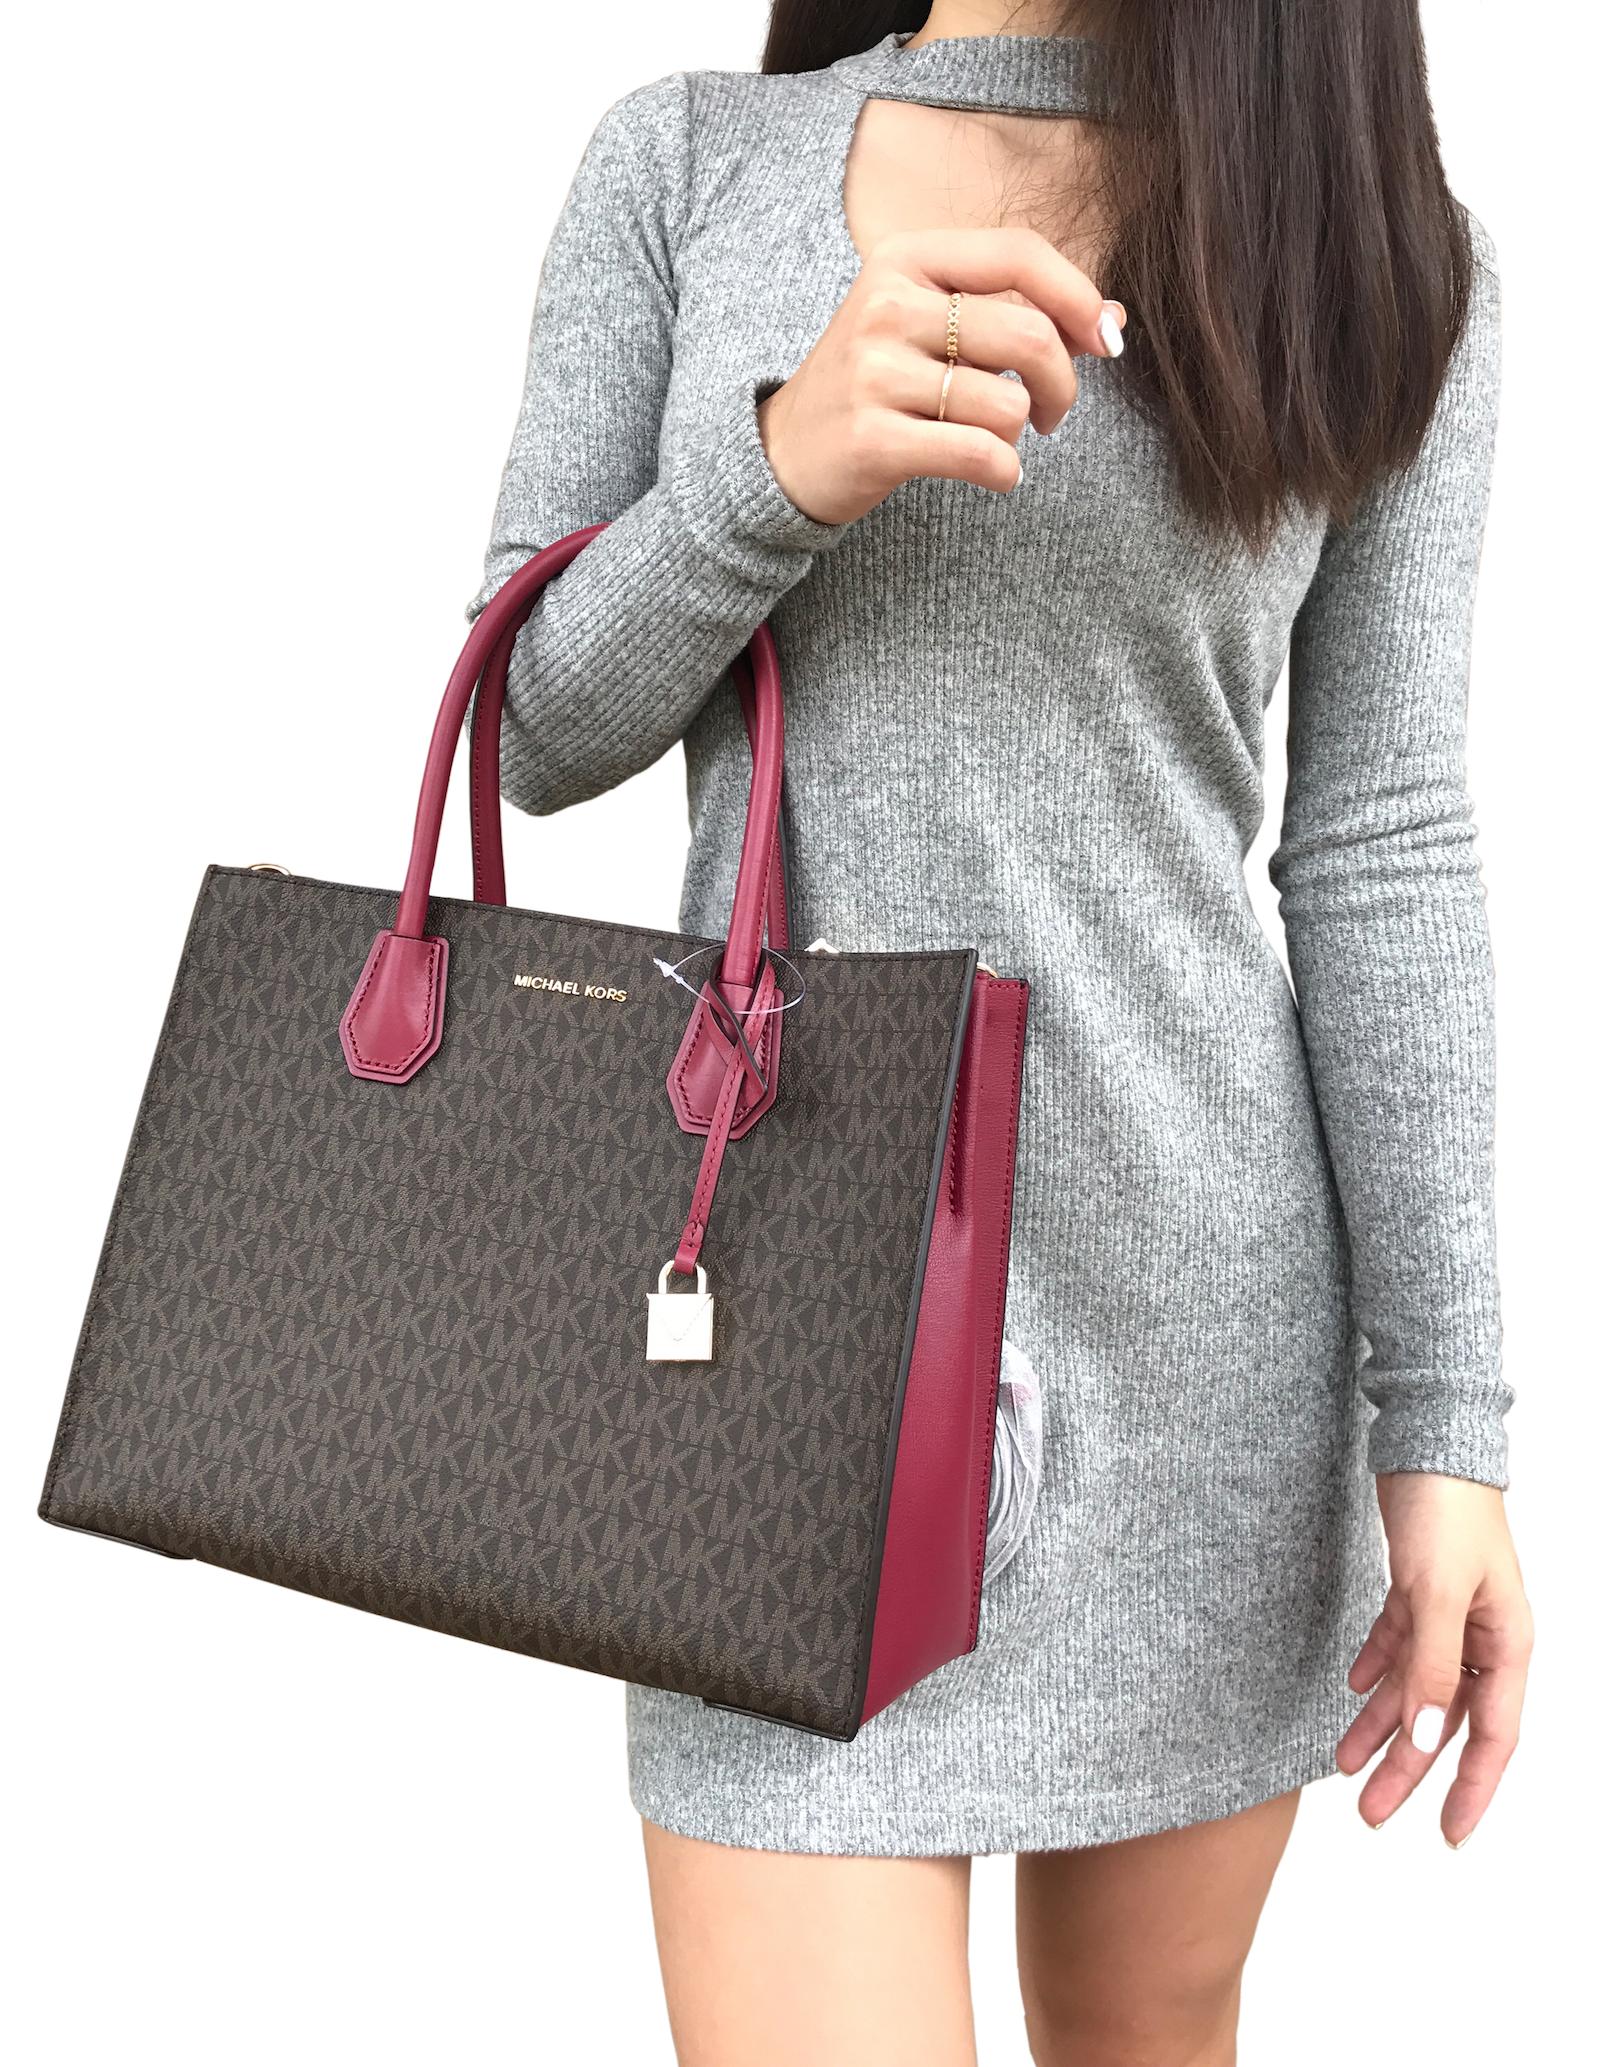 3c48d9242b89 Michael Kors Mercer Studio Large Convertible Tote Brown MK Mulberry Pink Bag